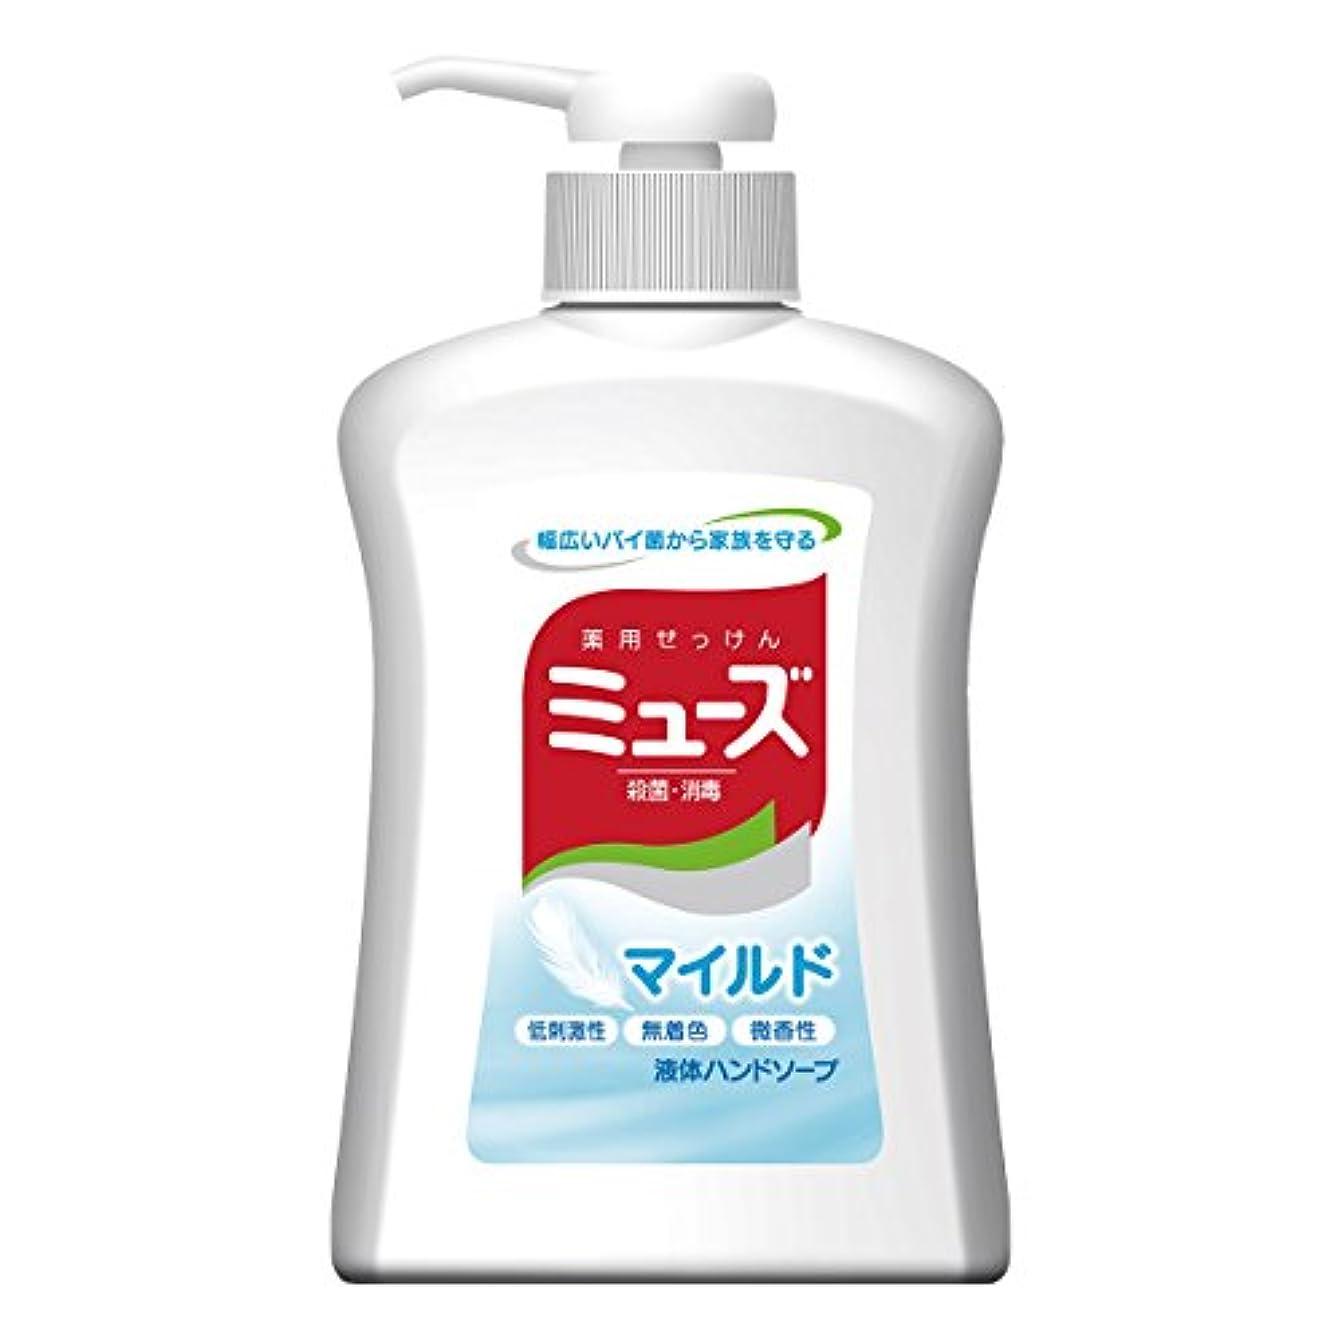 すべてコンプリート収縮薬用せっけんミューズ 液体 石鹸 ハンドソープ 本体ボトル マイルド 250ml 殺菌 消毒 手洗い 低刺激ソープ